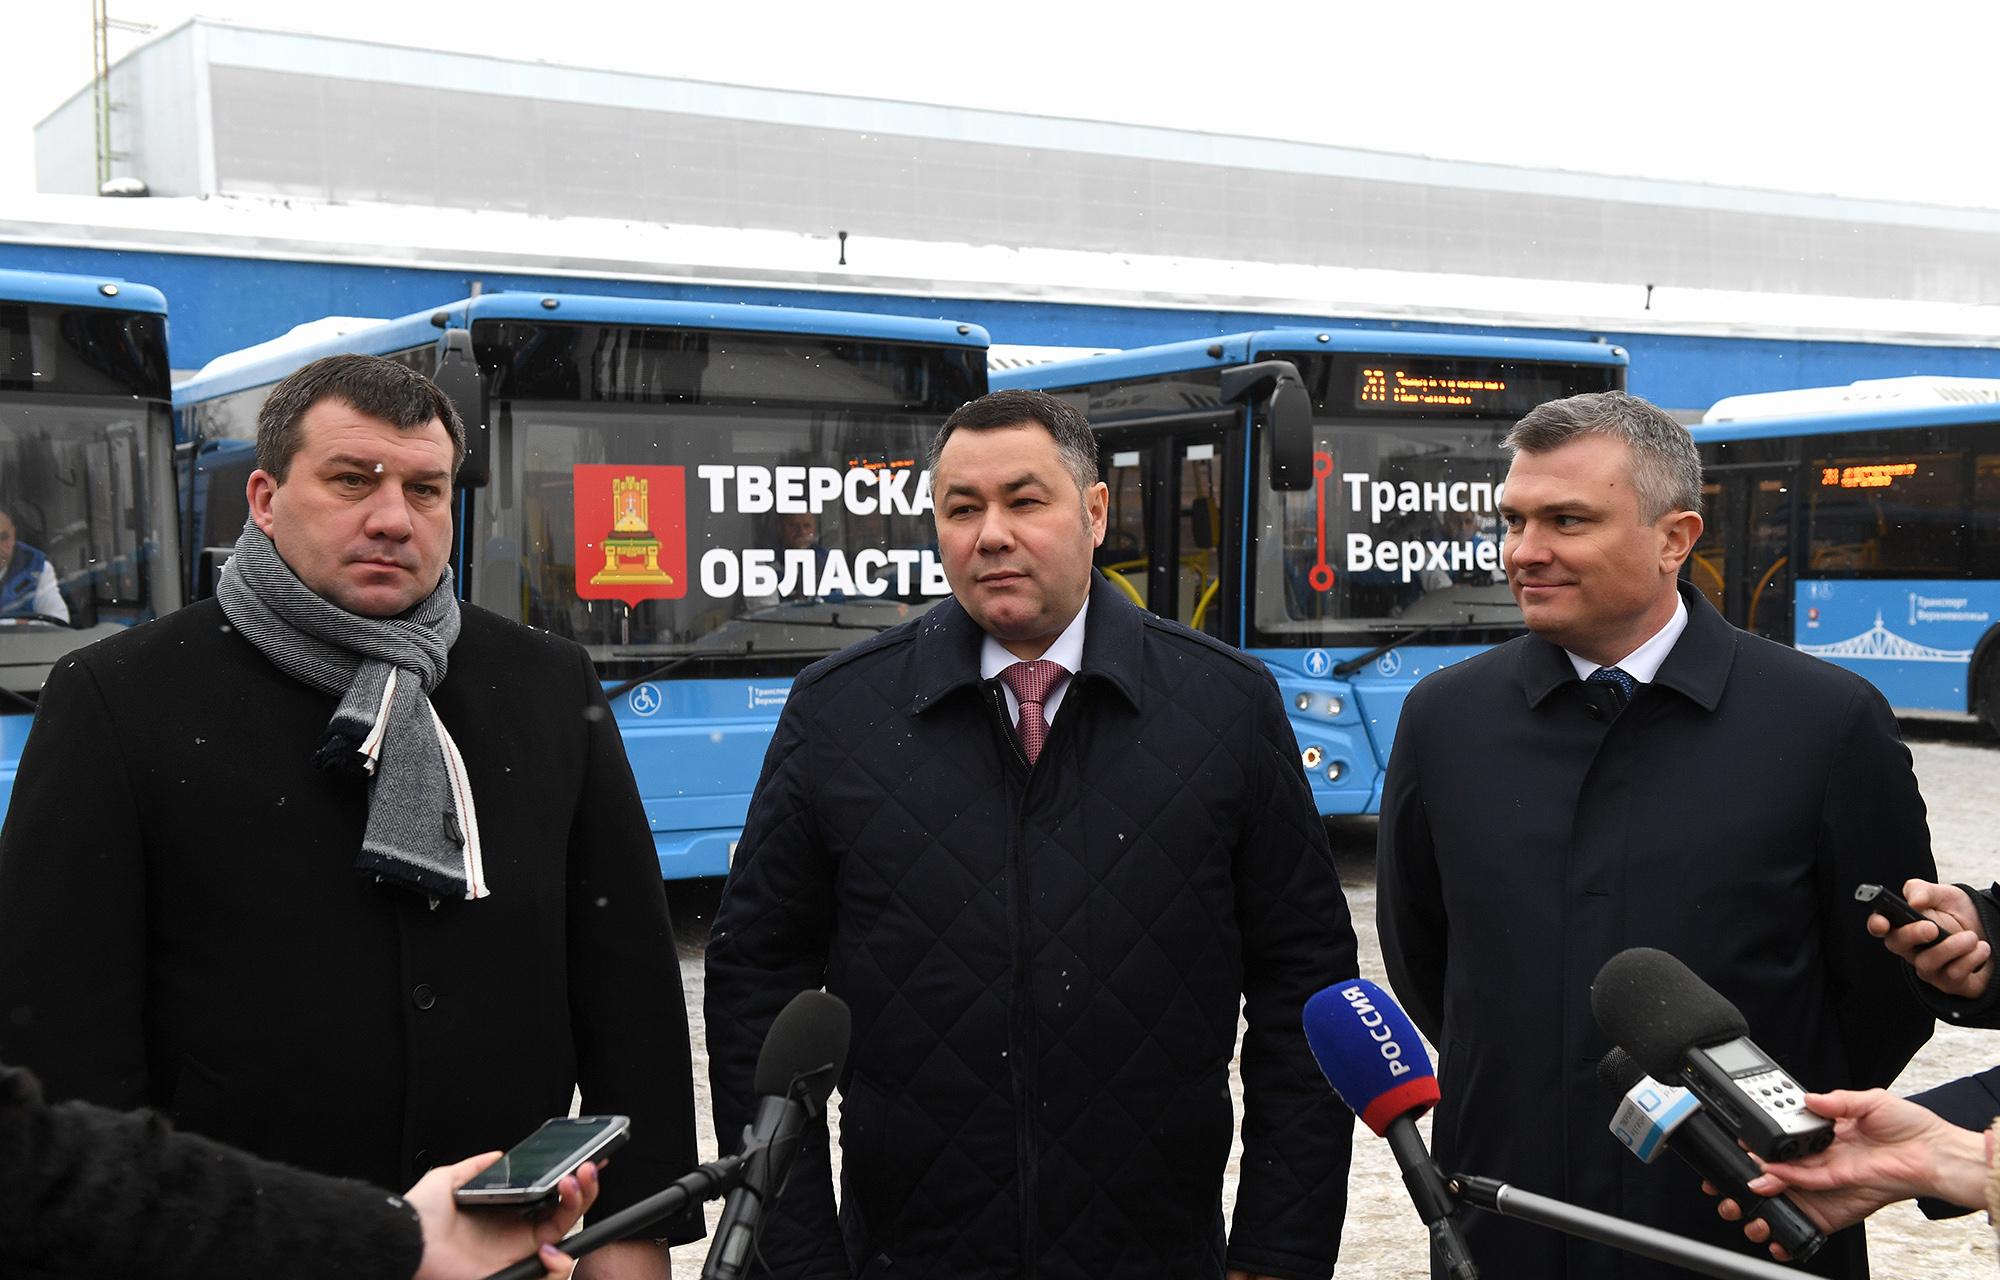 Игорь Руденя: Тверская область переходит на качественно новый уровень работы общественного транспорта